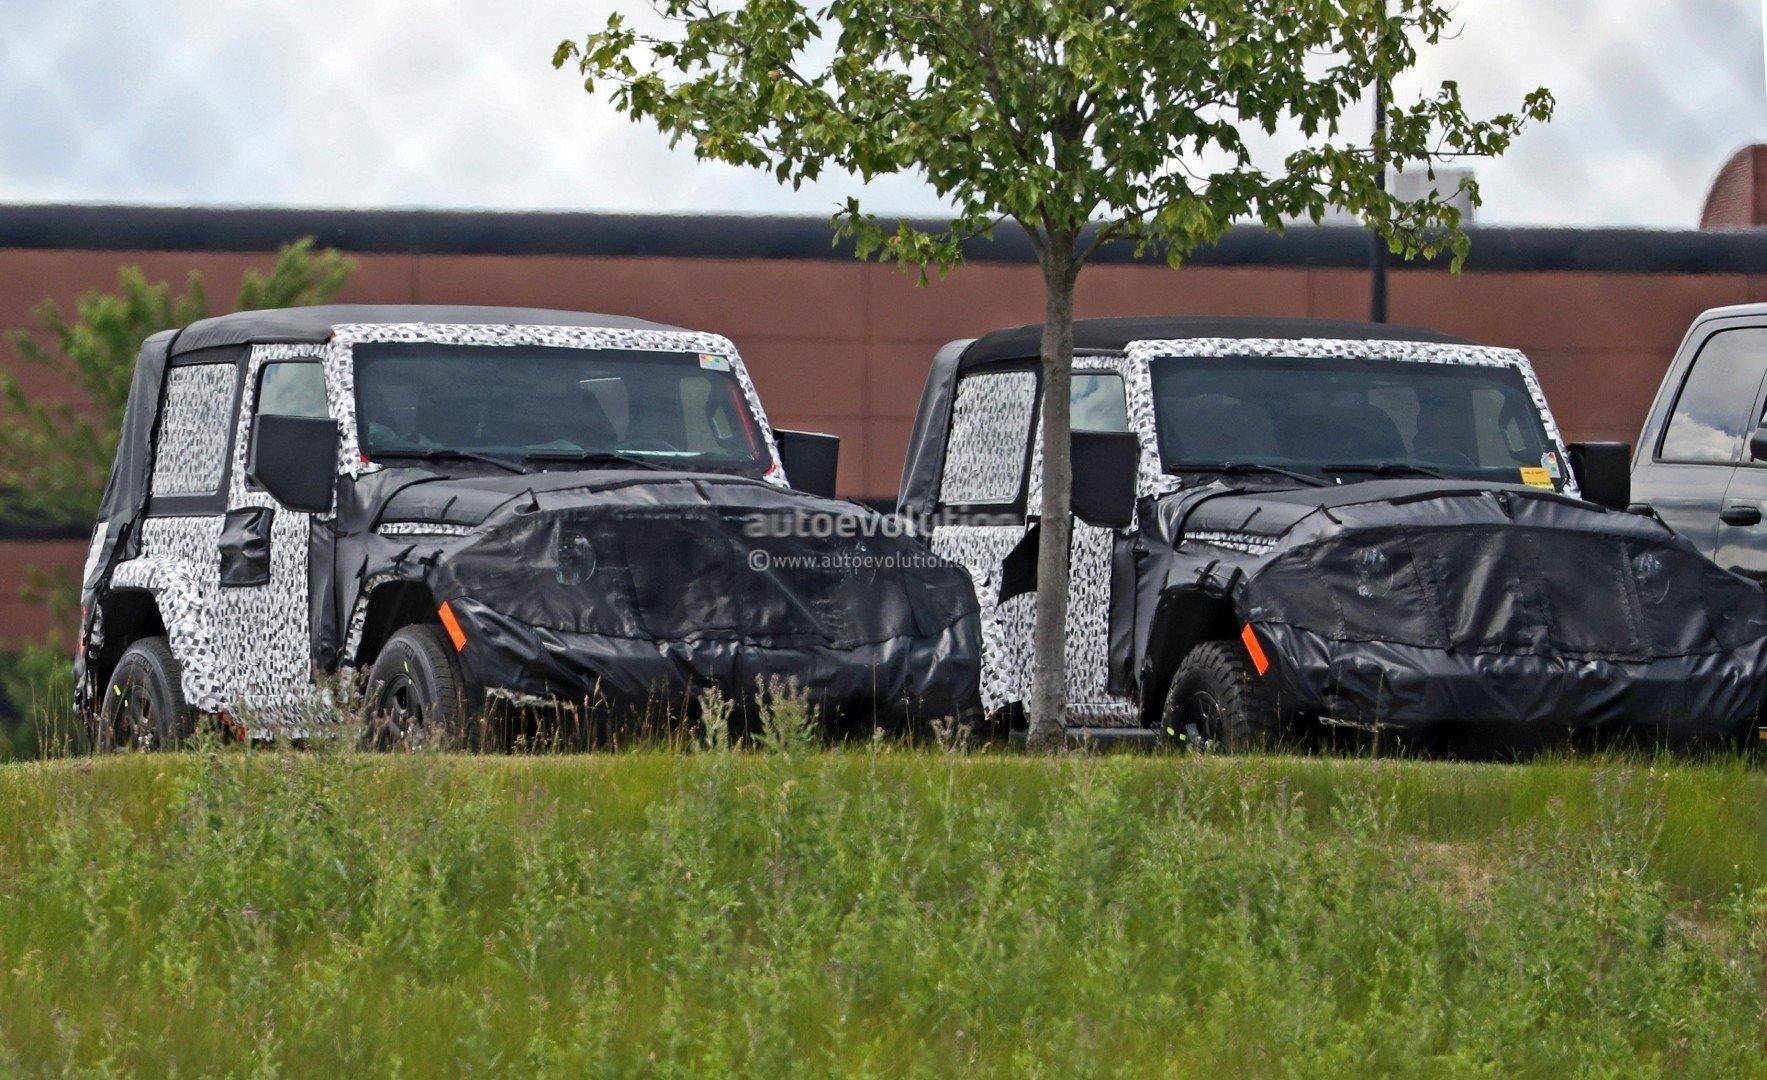 Кроссовер Jeep Wrangler обновленного поколения получит революционную полноприводную систему